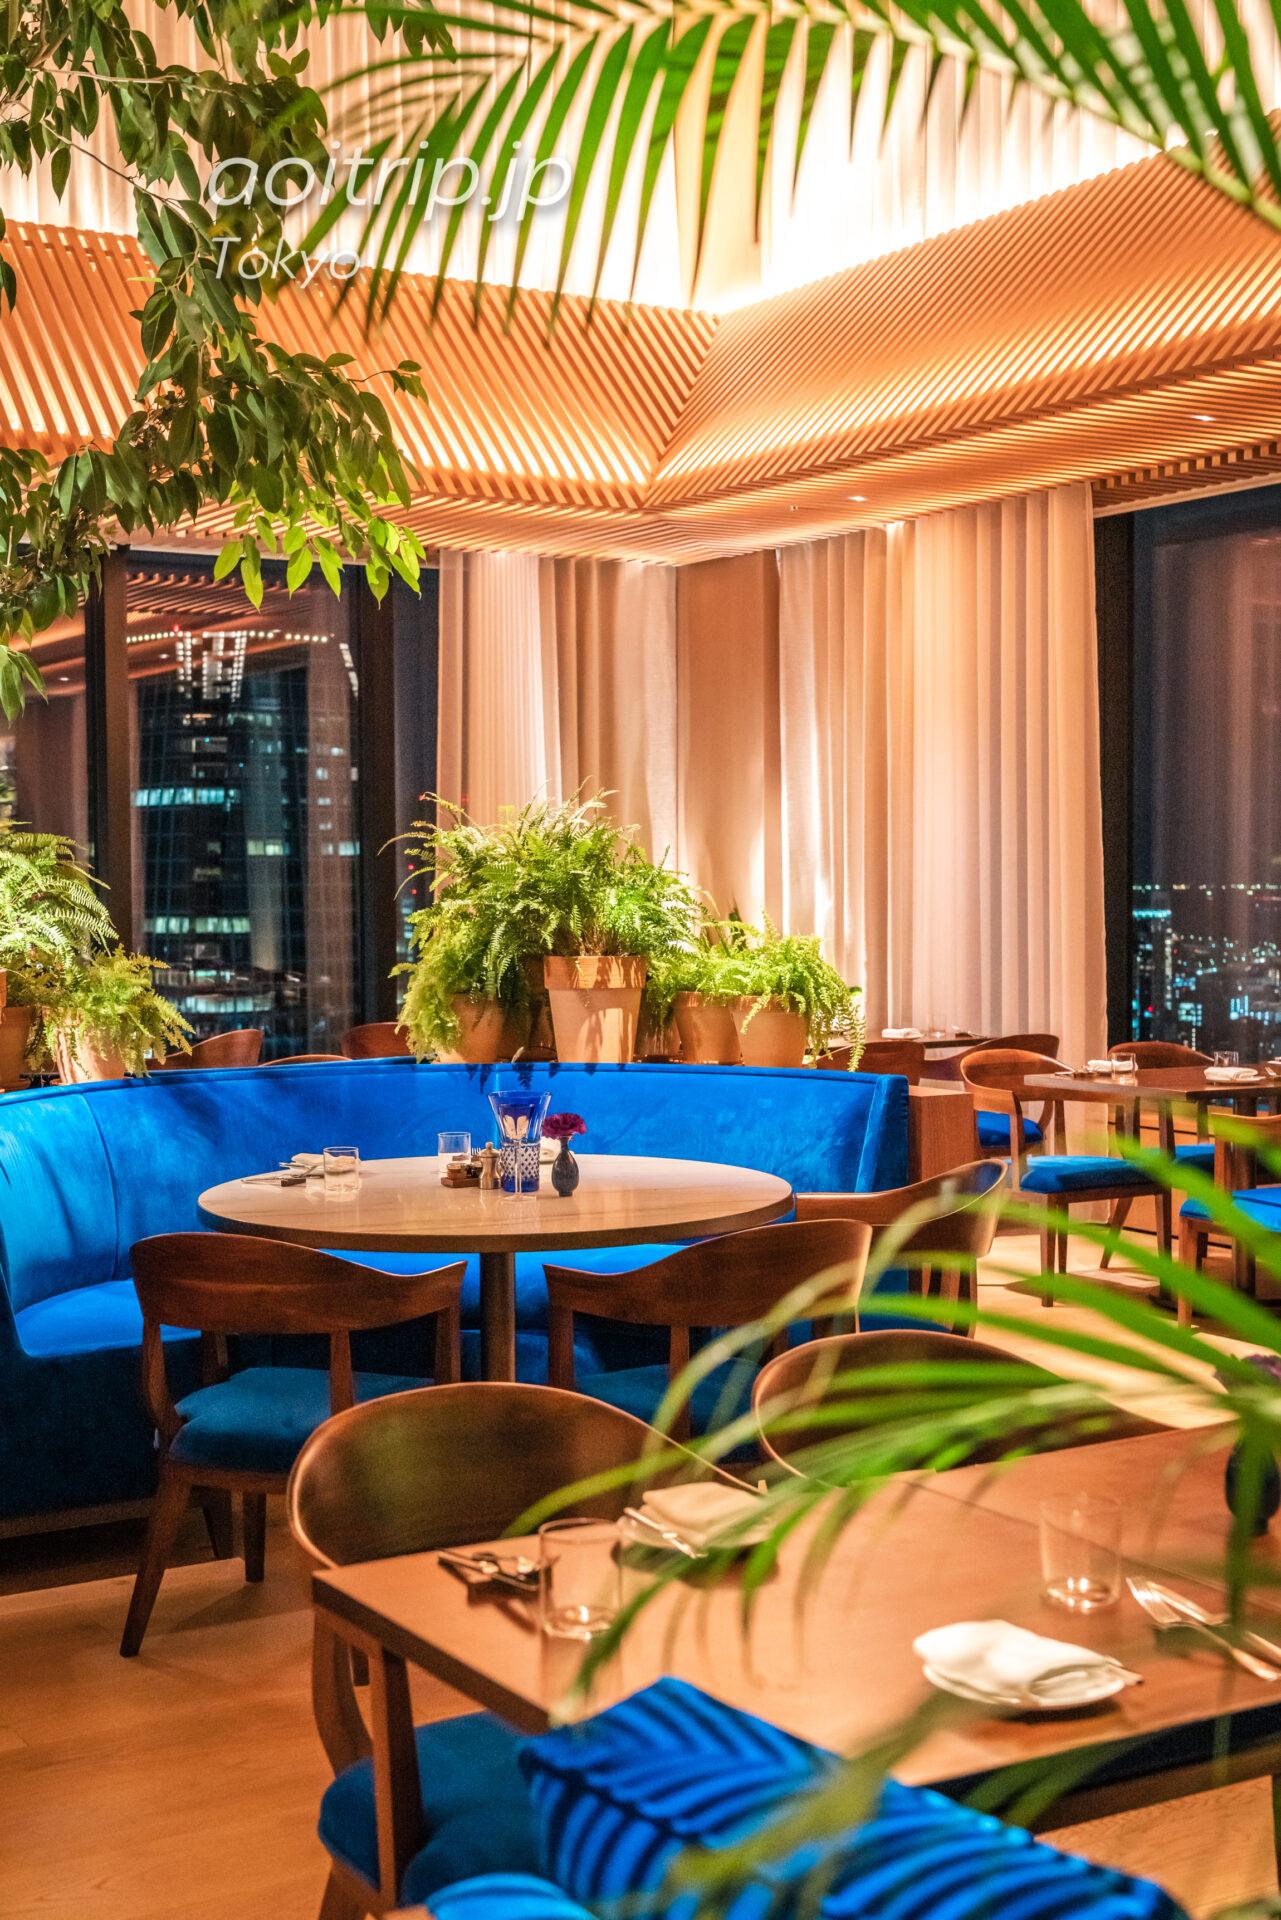 東京エディション虎ノ門のレストランザ ブルールーム The Blue Room